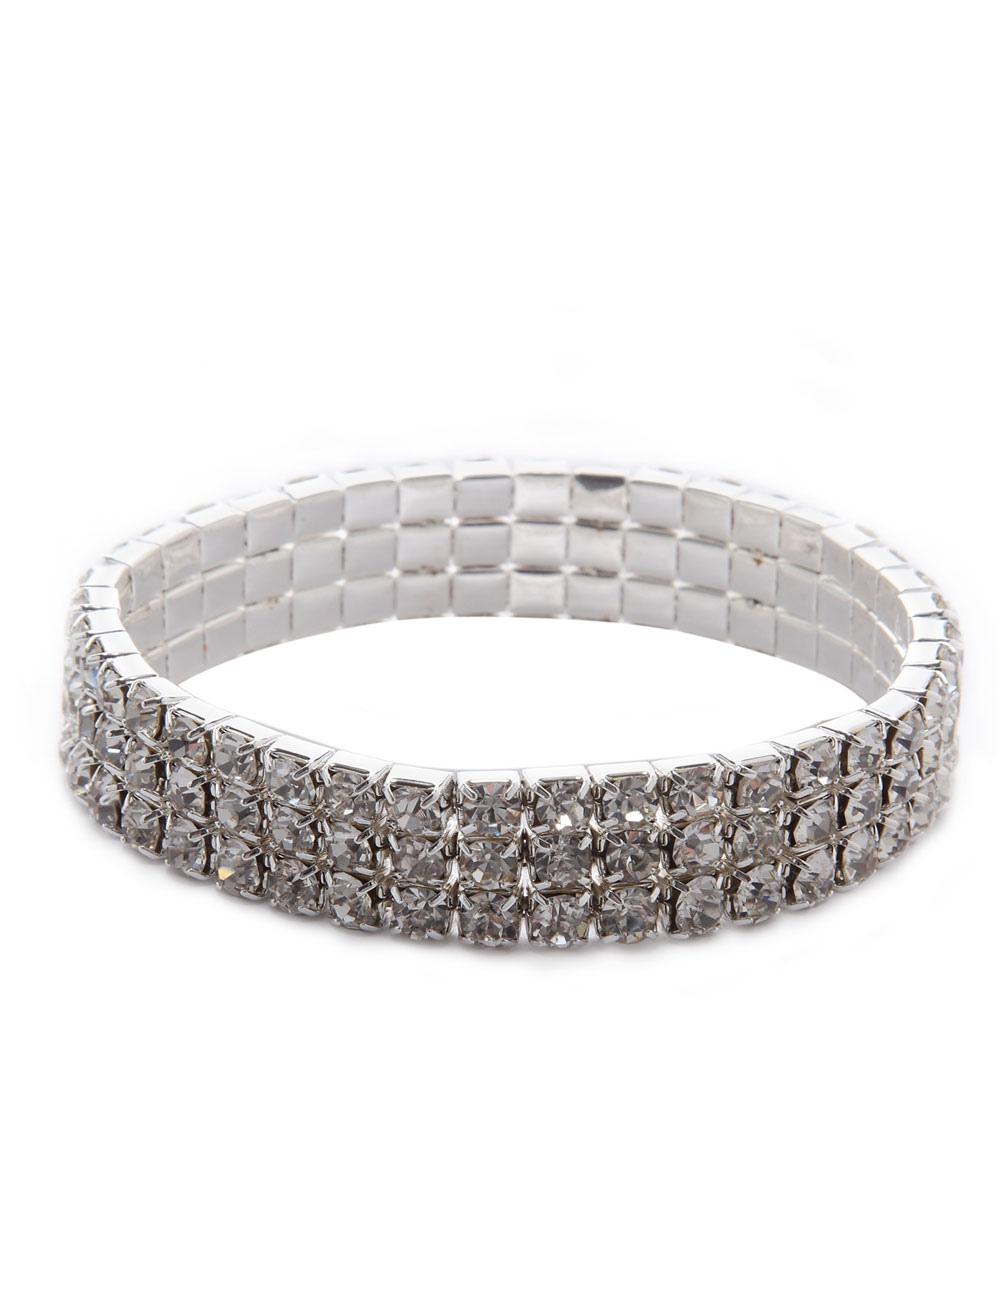 fashion armkette armband bei milano zum guenstigen preise. Black Bedroom Furniture Sets. Home Design Ideas